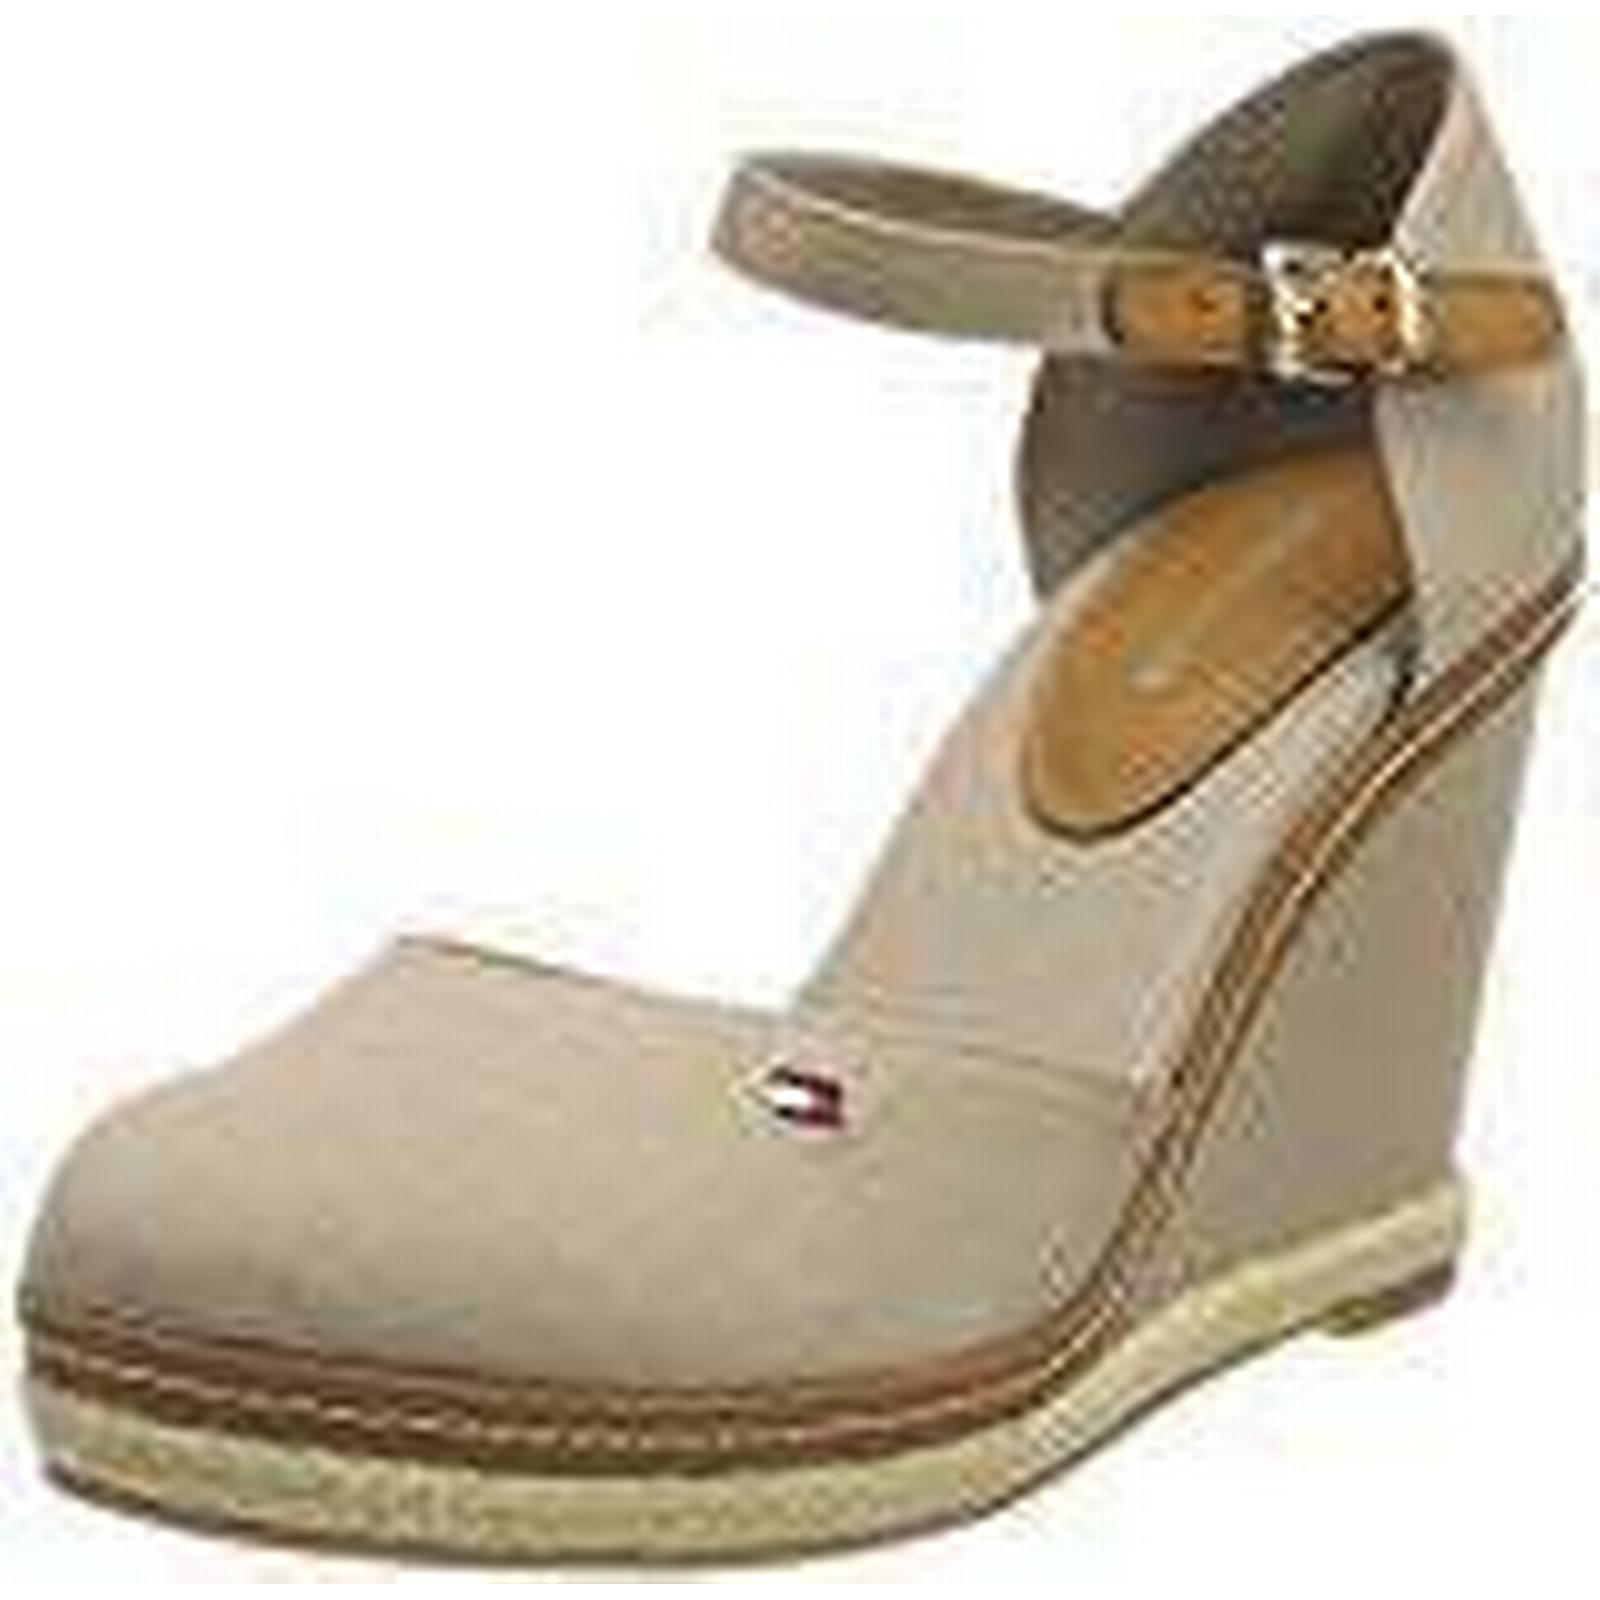 Tommy Hilfiger Toe Women''s Iconic Basic Closed Toe Hilfiger Wedge Espadrilles, Beige (Cobblestone 068), 6.5 UK 6.5 UK c74976